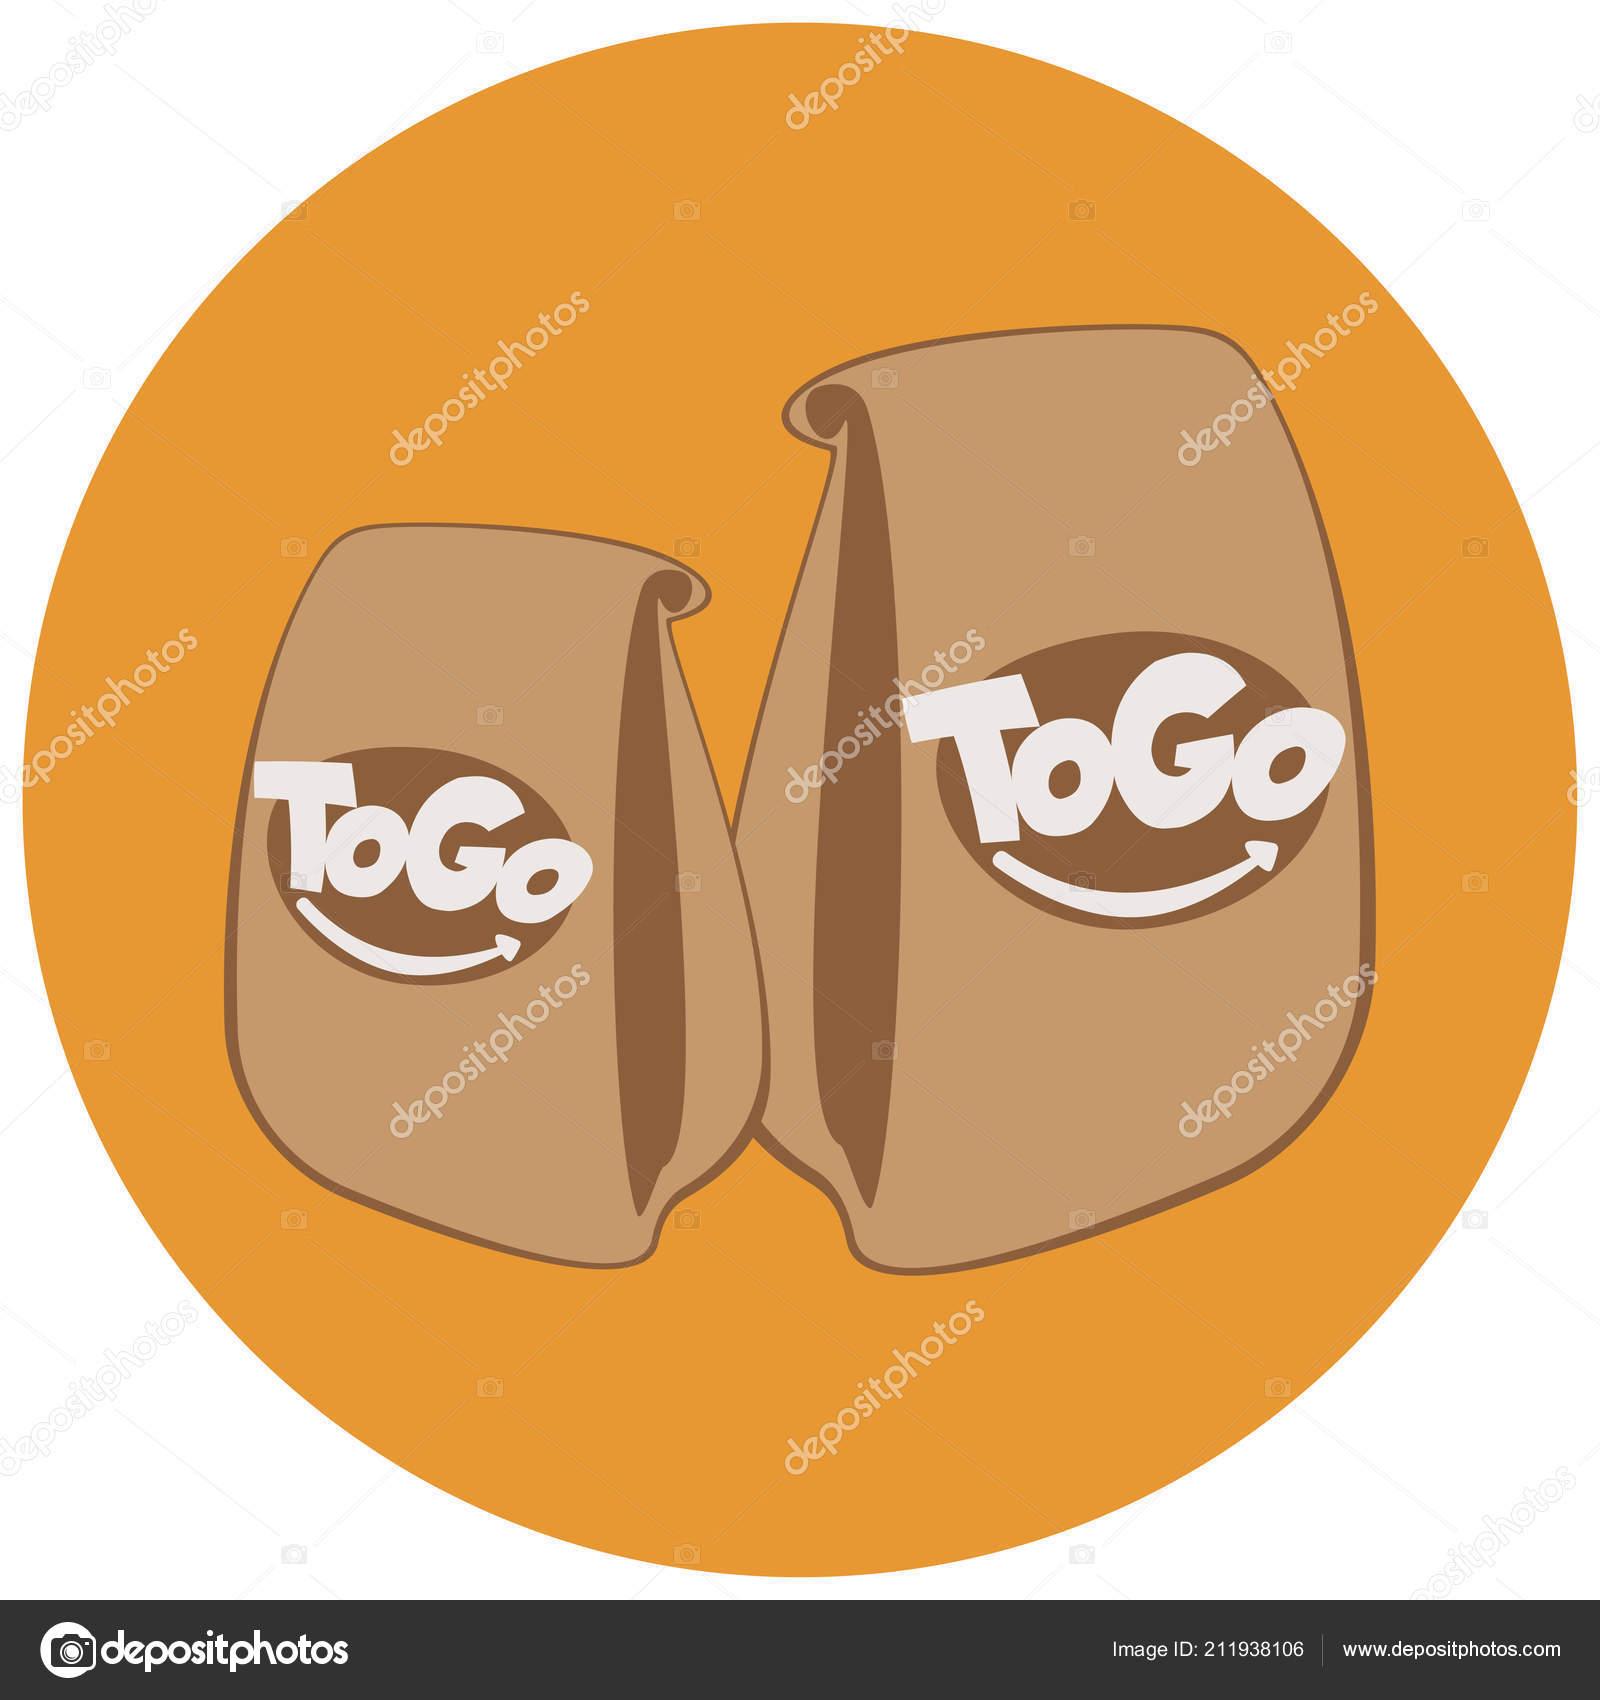 c247739ac Las bolsas de papel con la bandera de casa de food.coffee rápido. bebidas y  comida rápida para ir. Llevar café concepto de logotipo. Comida para llevar  ...